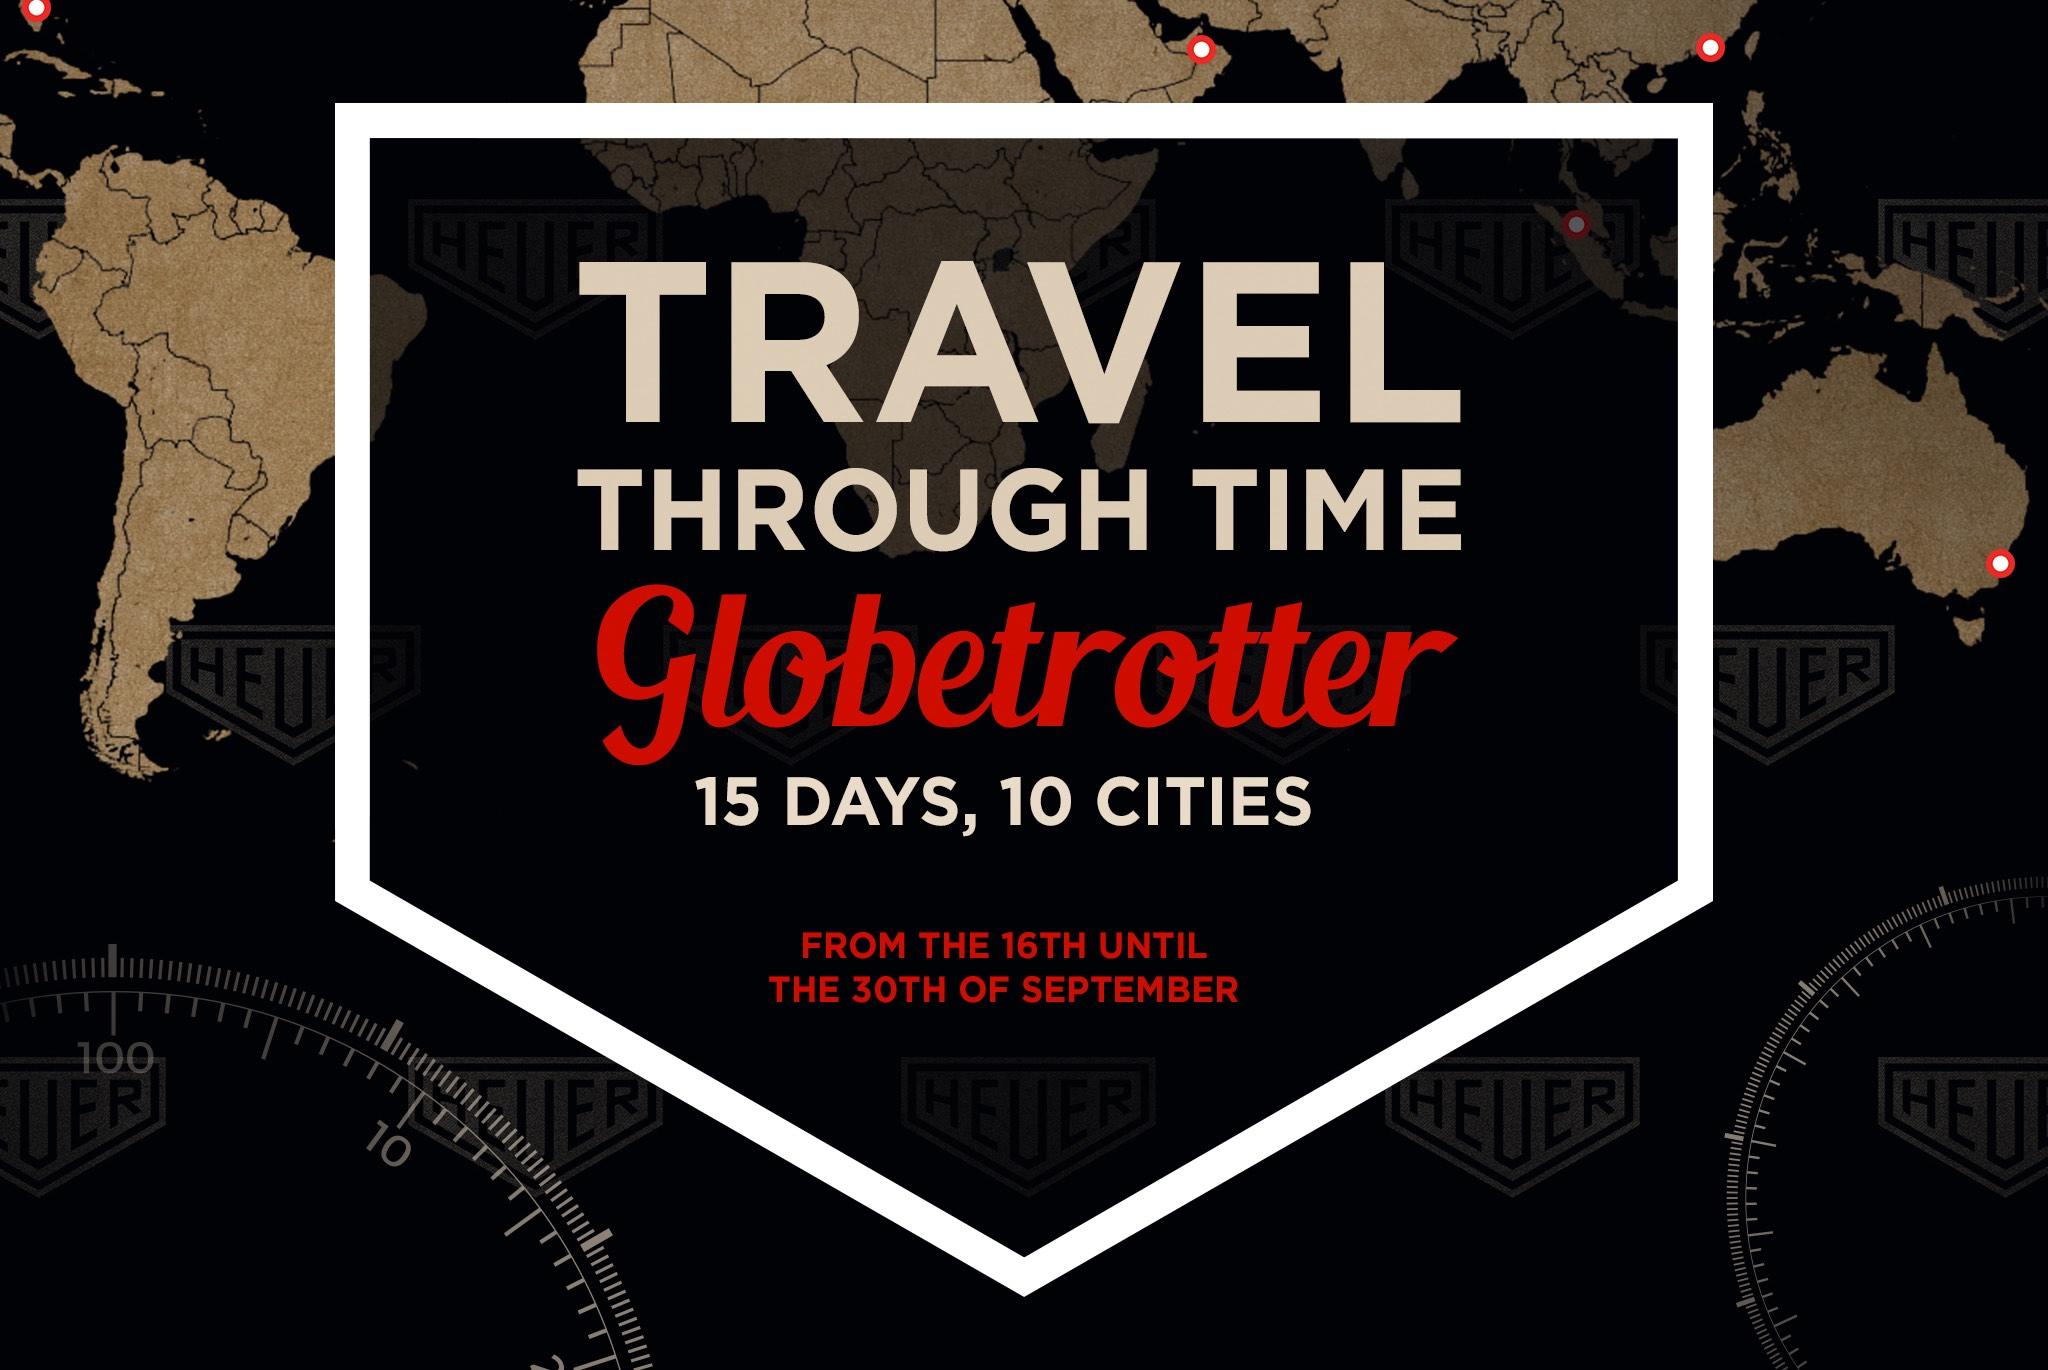 Heuer Globetrotter Exhibition